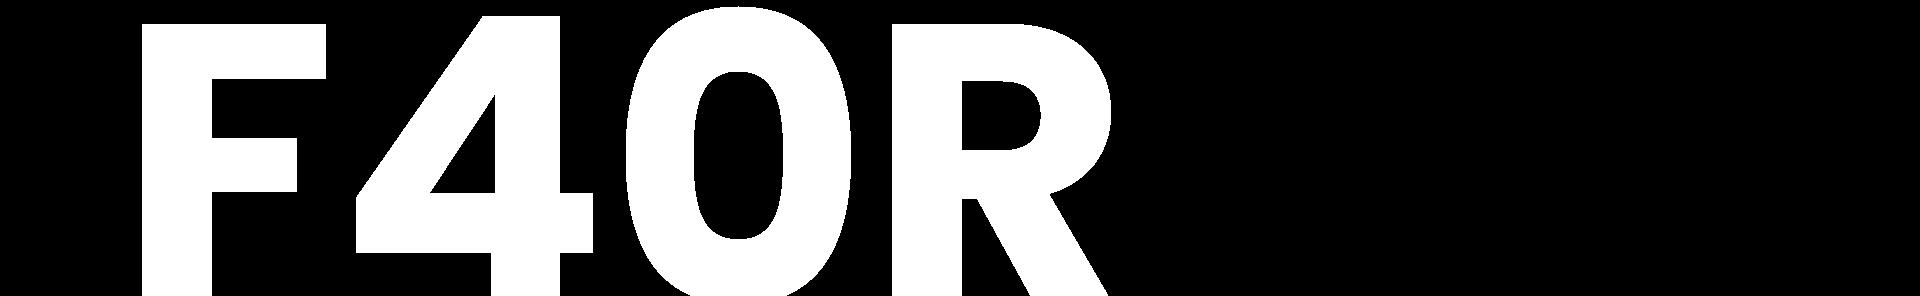 F40R_Background_Freshfilter